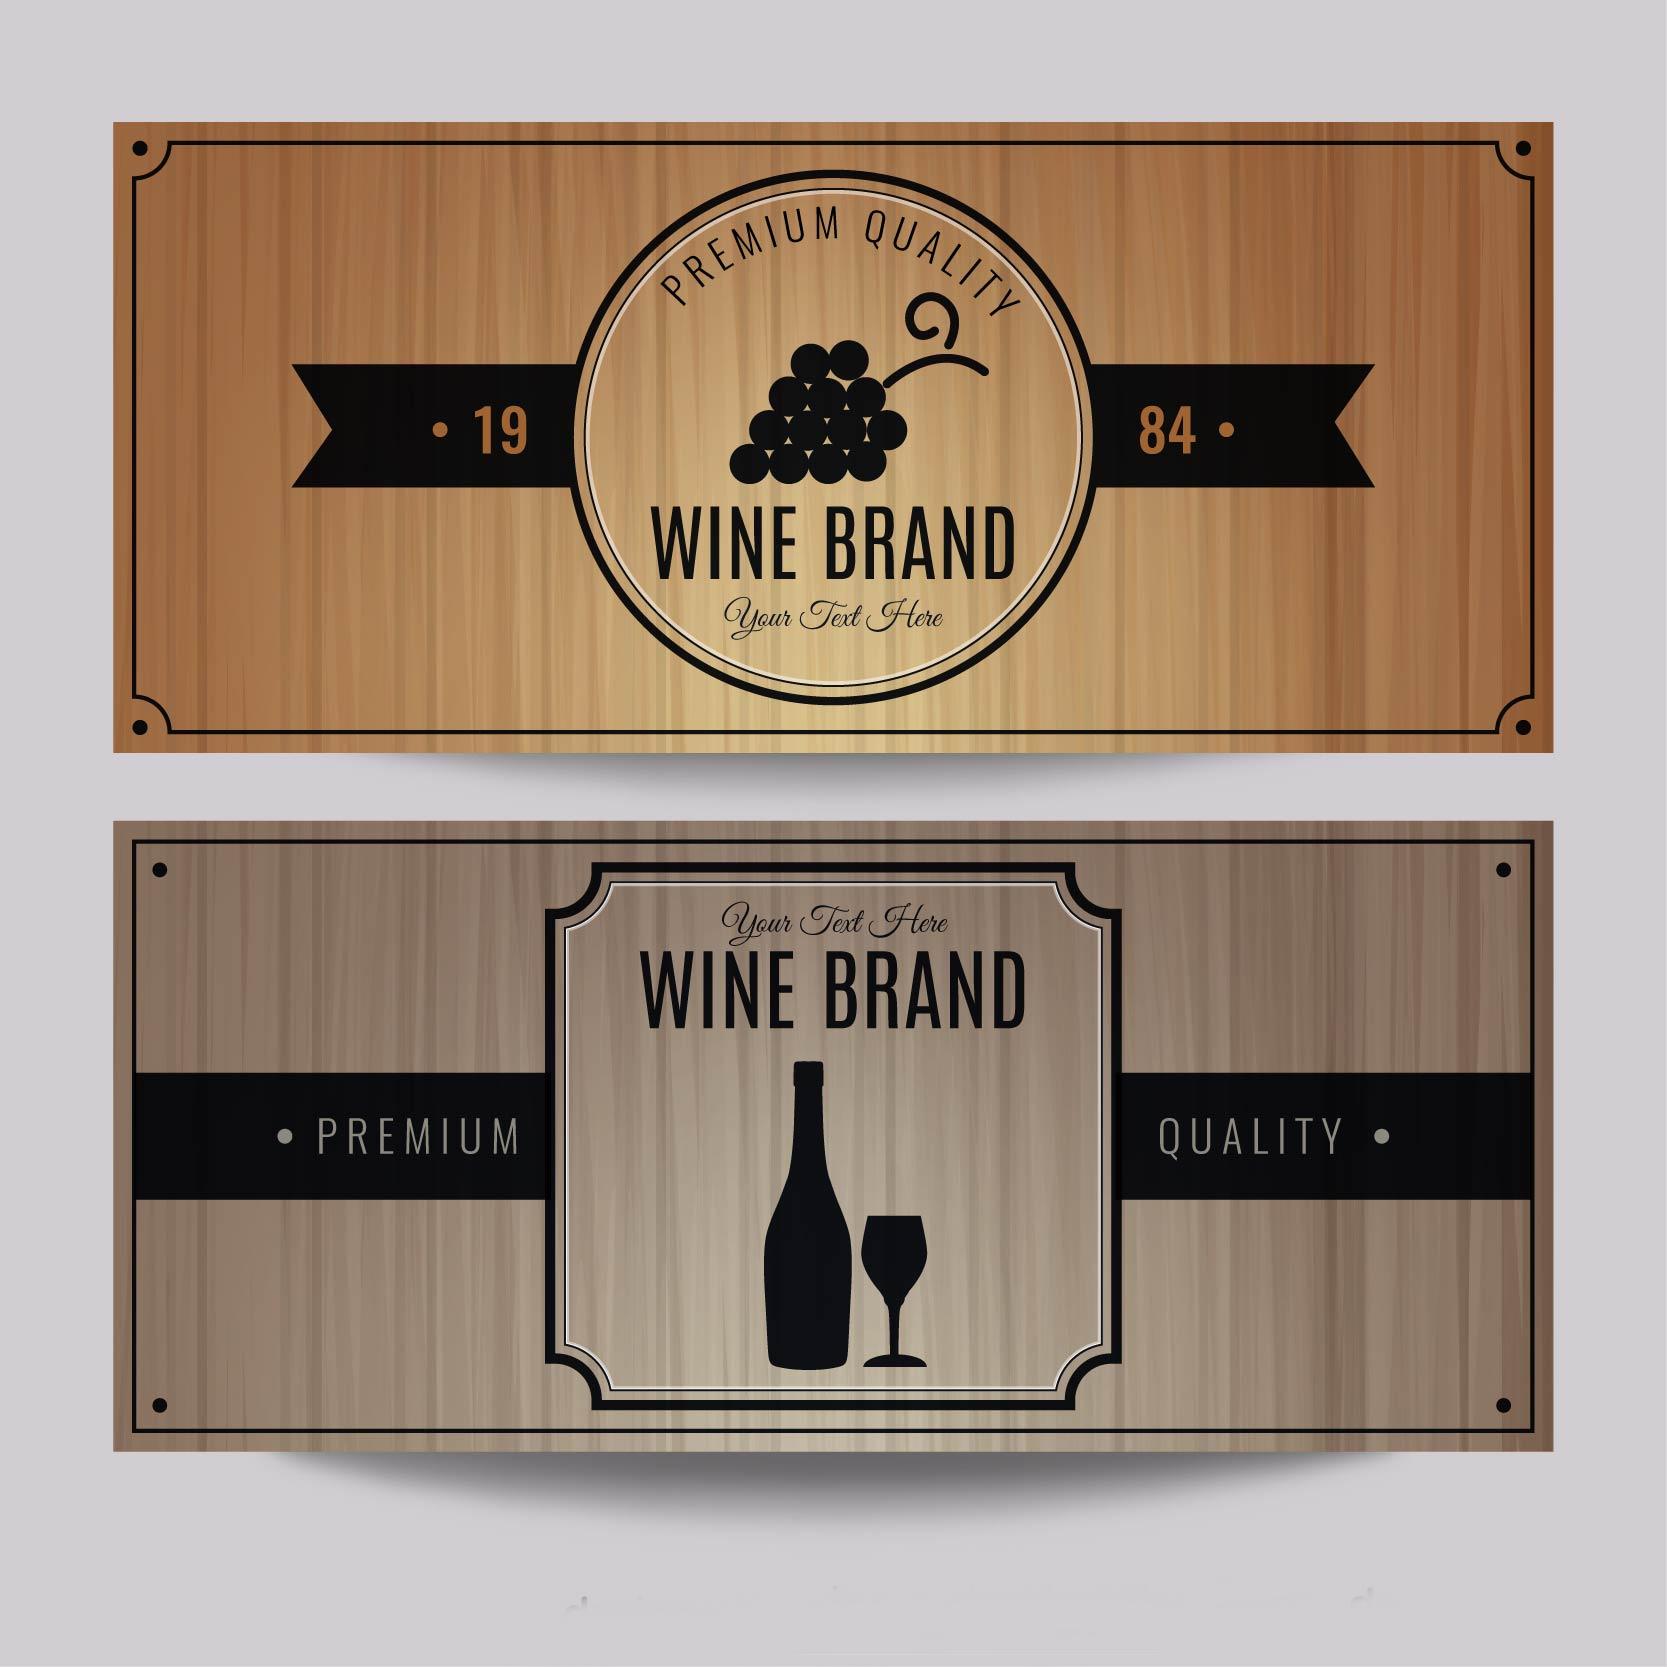 wine brand banner